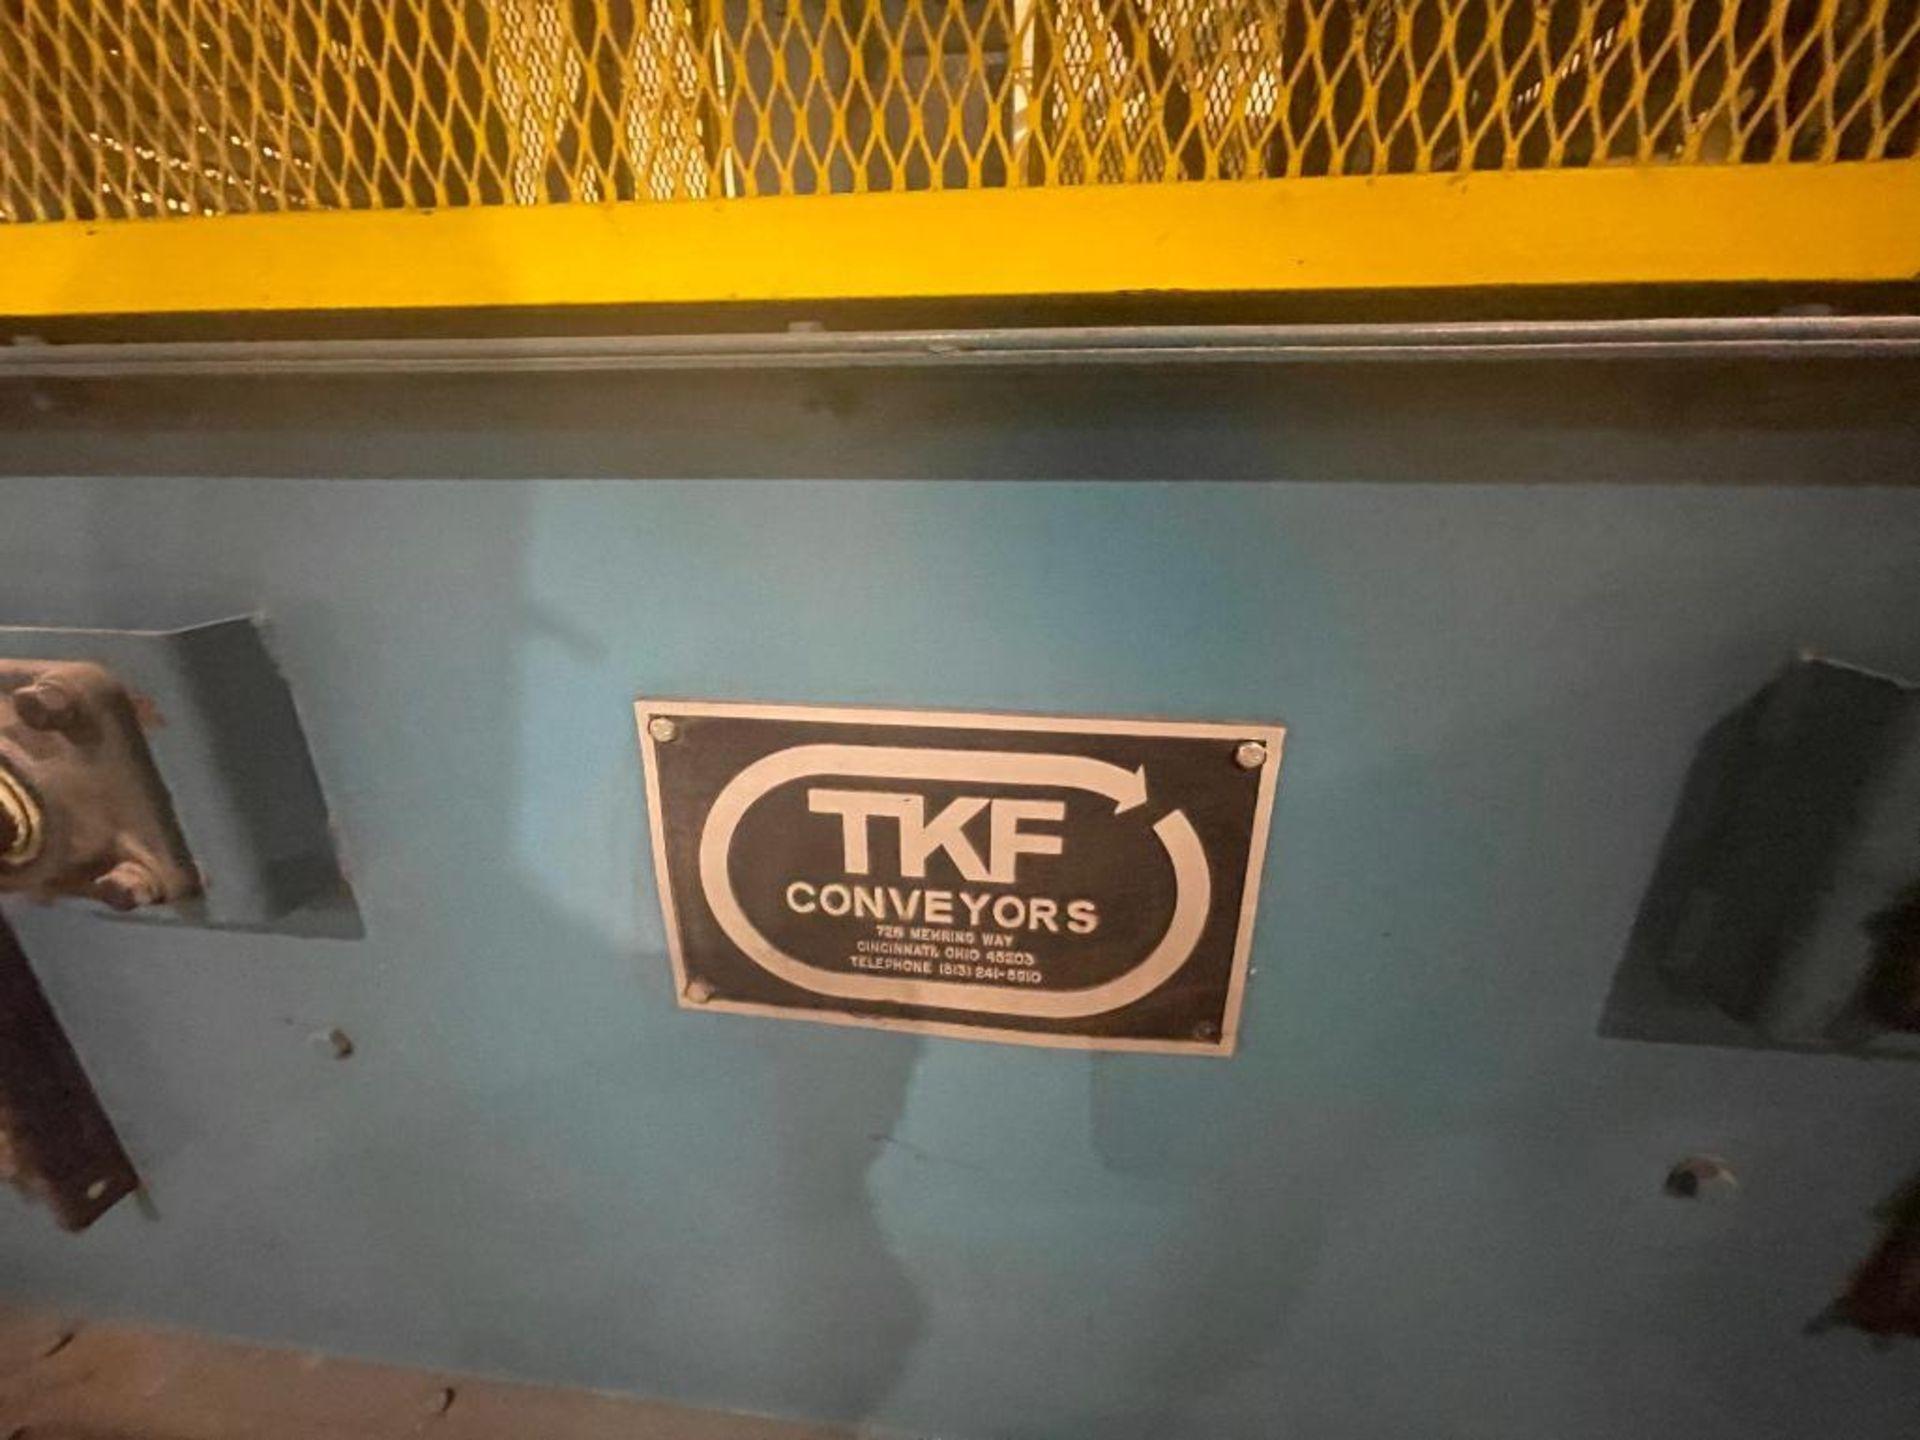 TKF vertical case elevator - Image 10 of 14